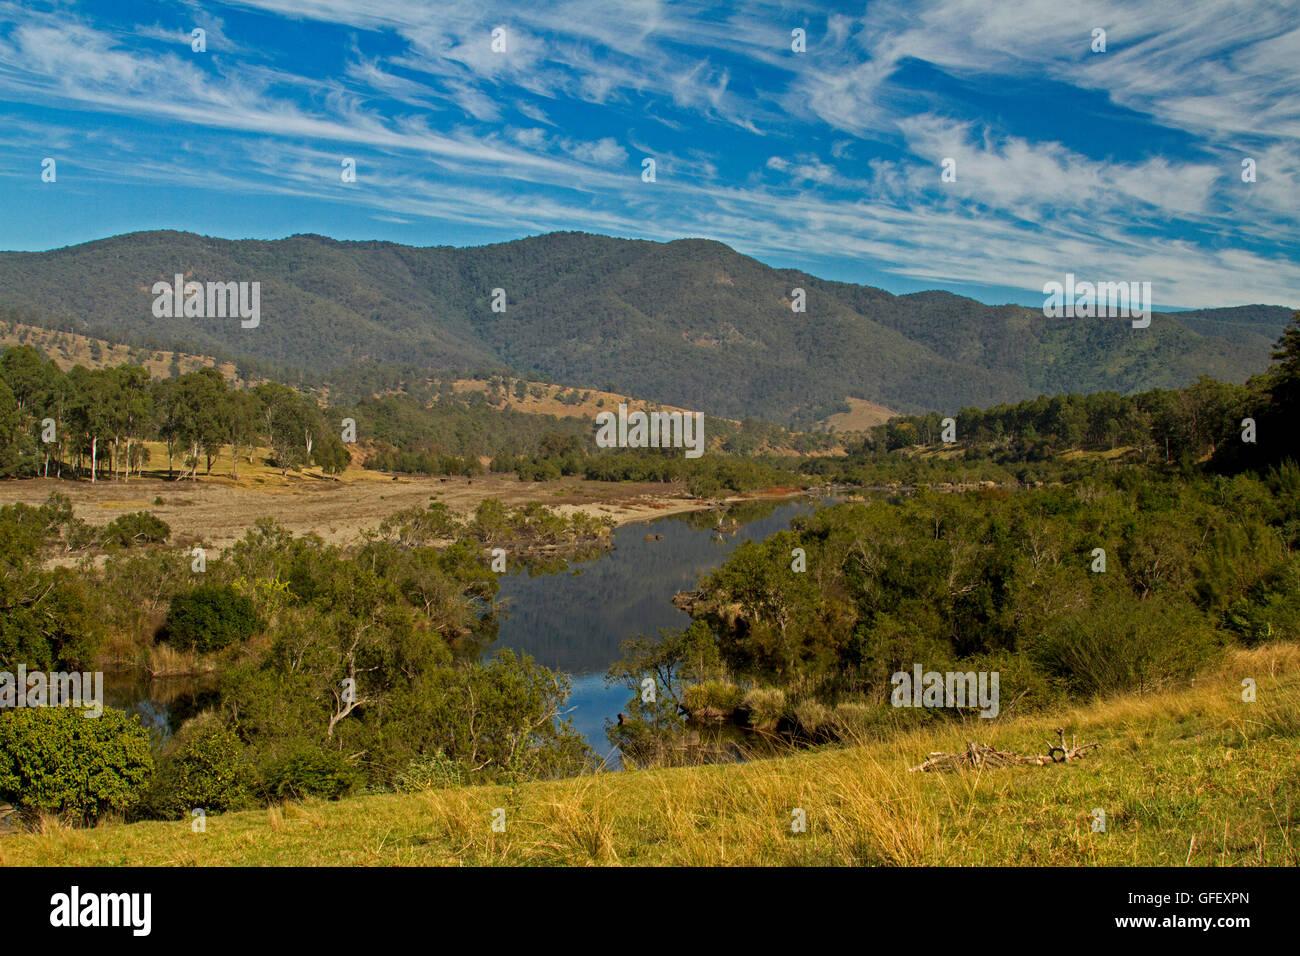 Panorama mozzafiato, Mann affettatura del fiume attraverso i boschi, golden erbe, le colline boscose di gran catena Immagini Stock